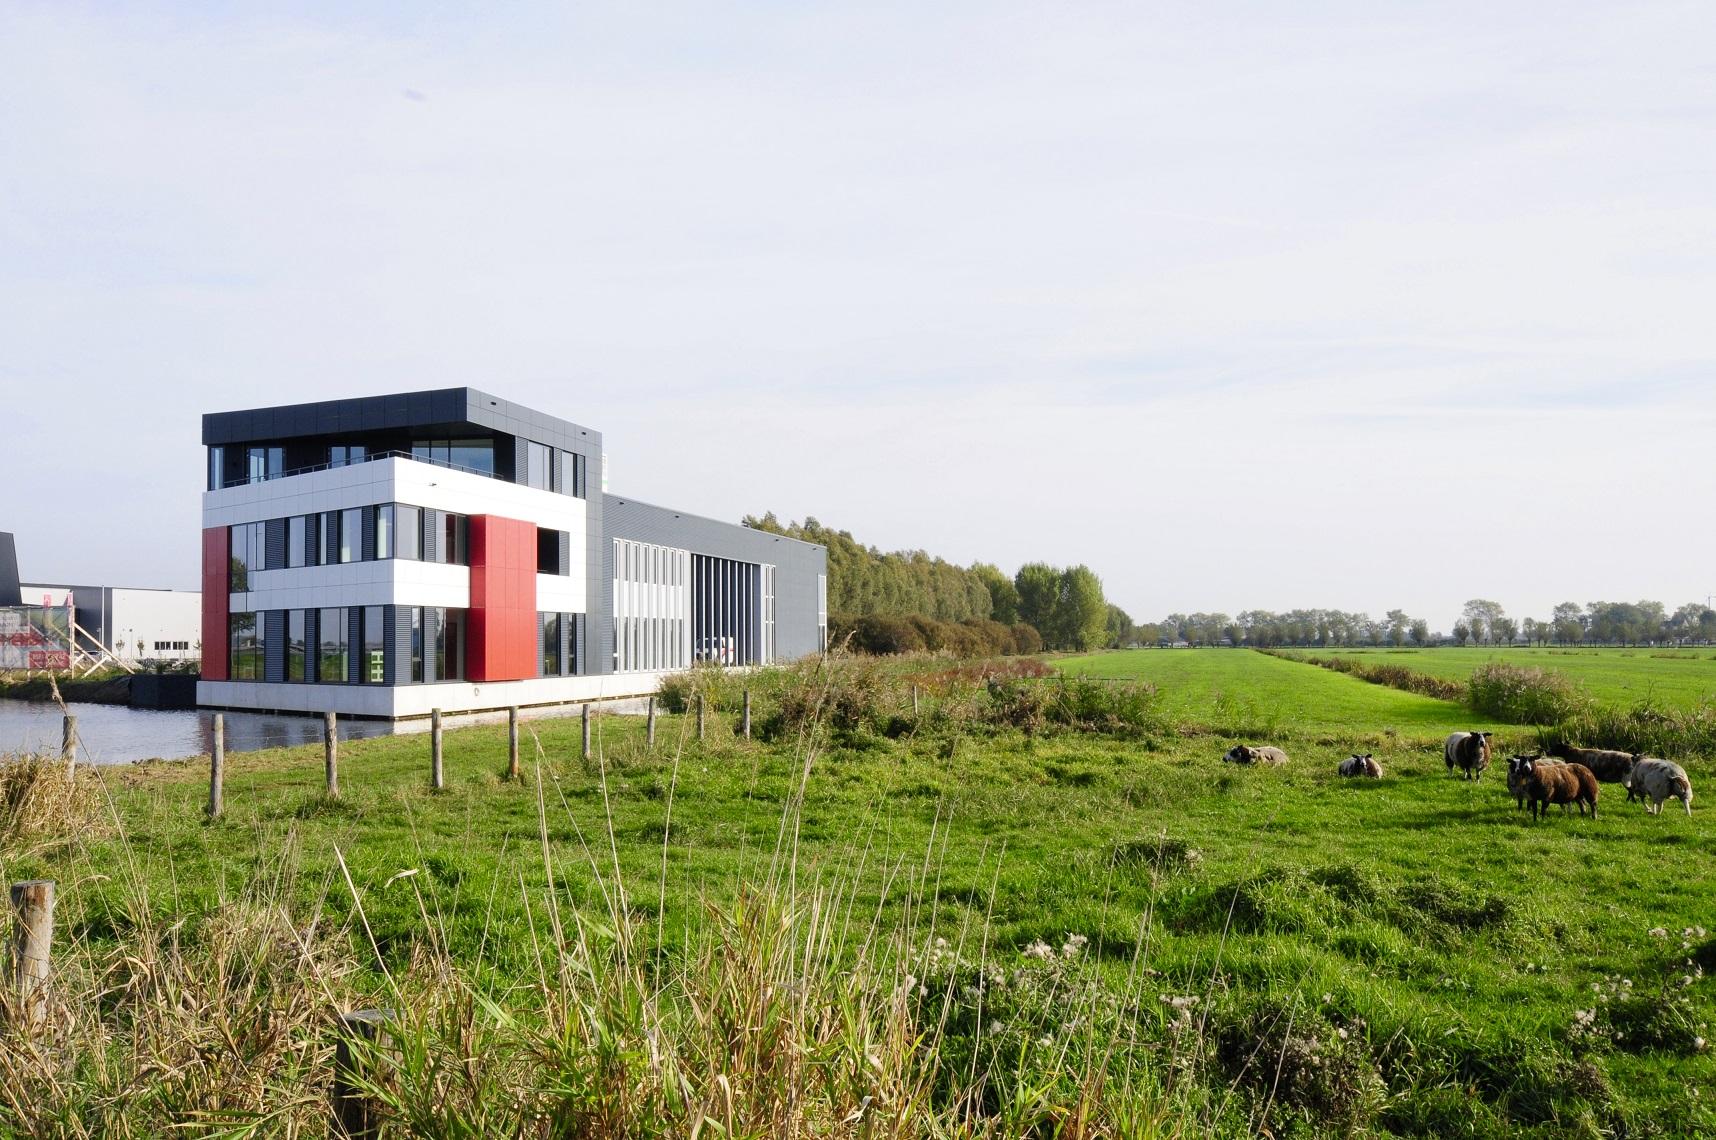 Bystronic Benelux Meerkerk